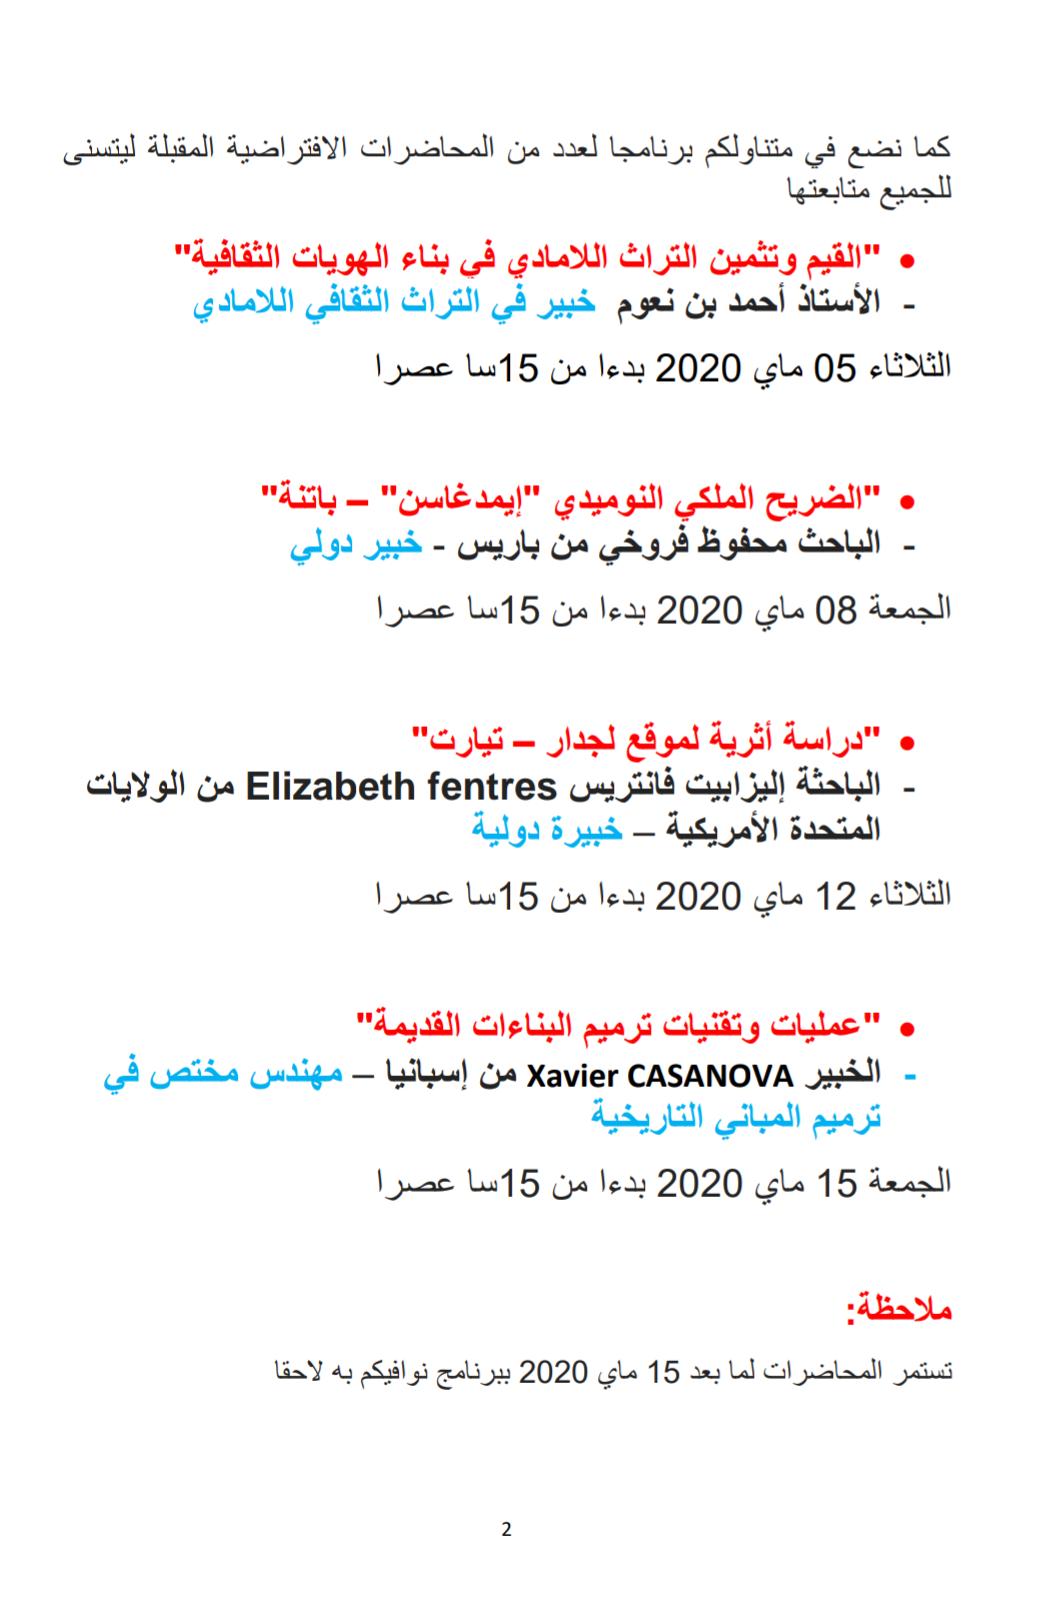 برنامج المحاضرات والاستشارات الدولية حول التراث الثقافي